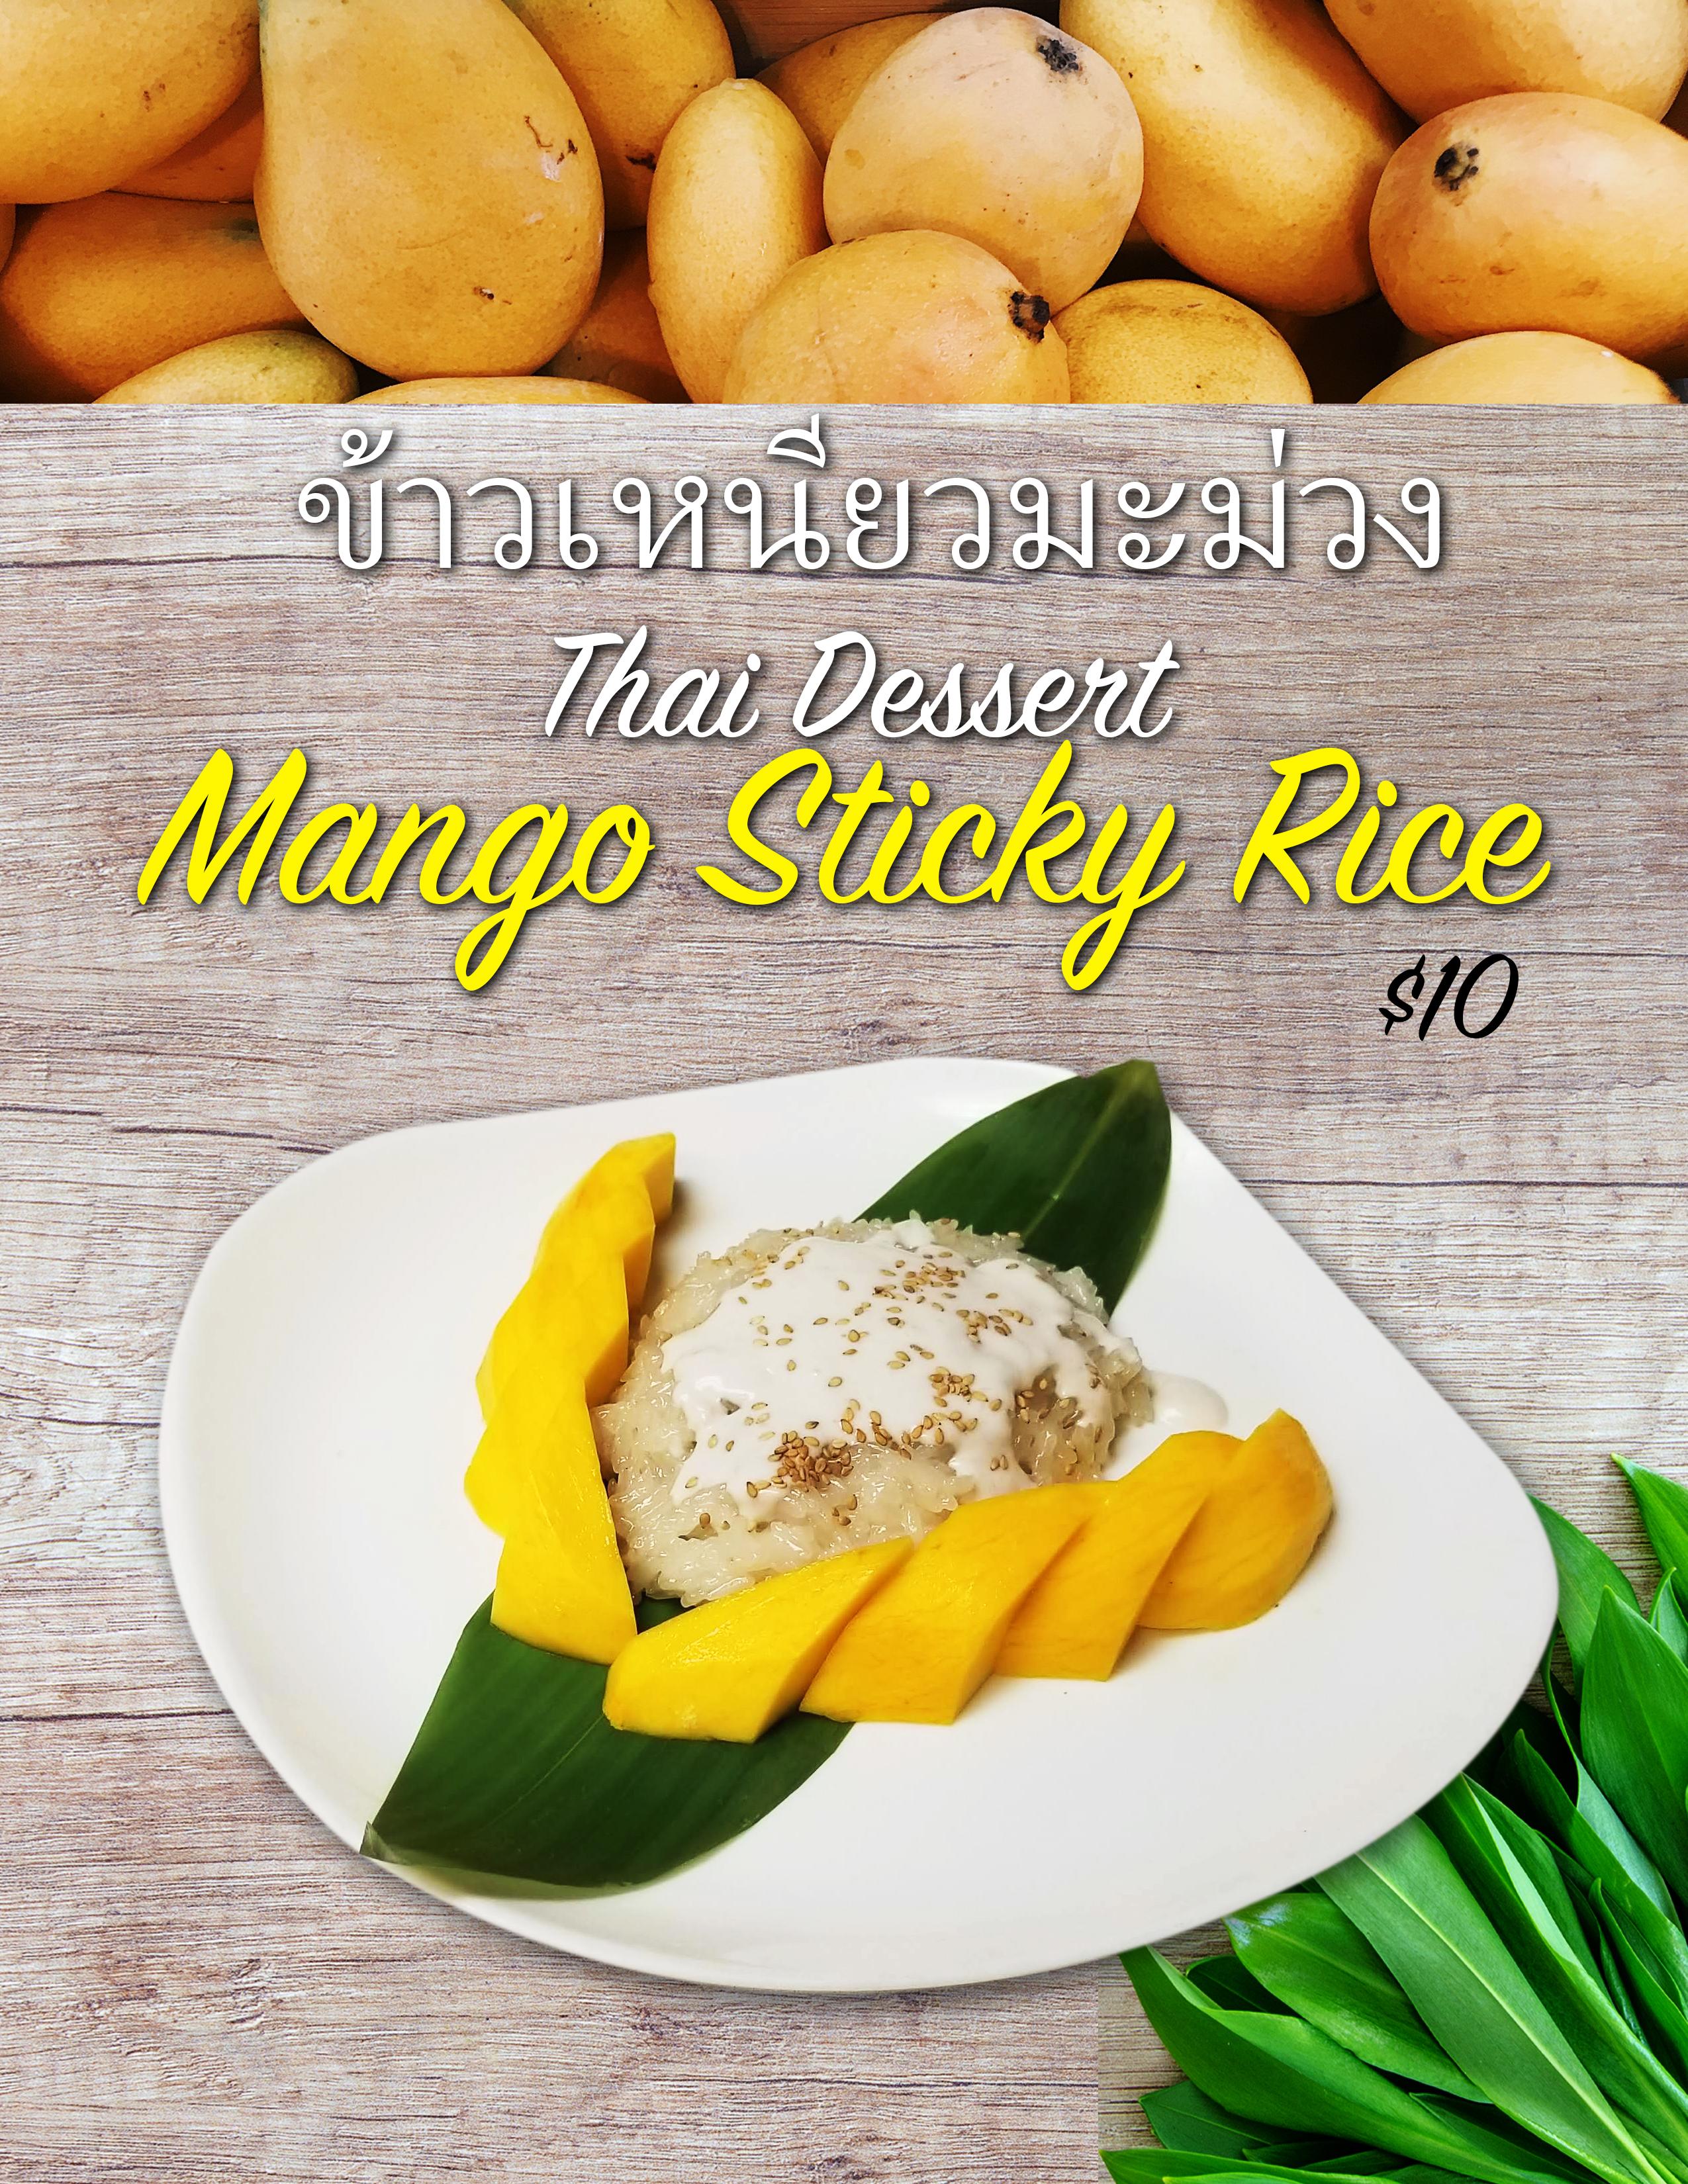 Mango. Sticky Rice